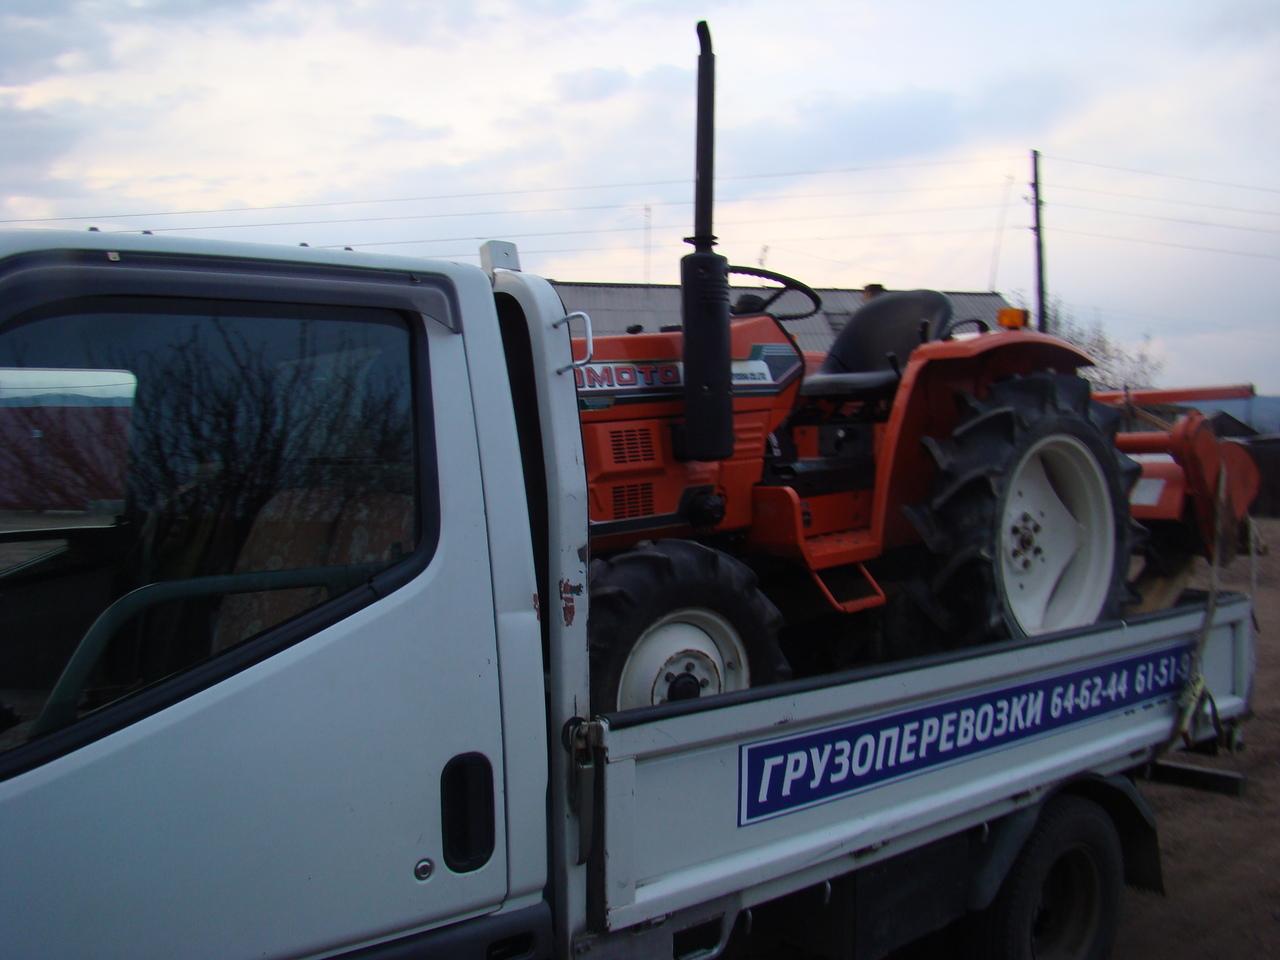 Продам трактор МТЗ 80.1 в Улан-Удэ